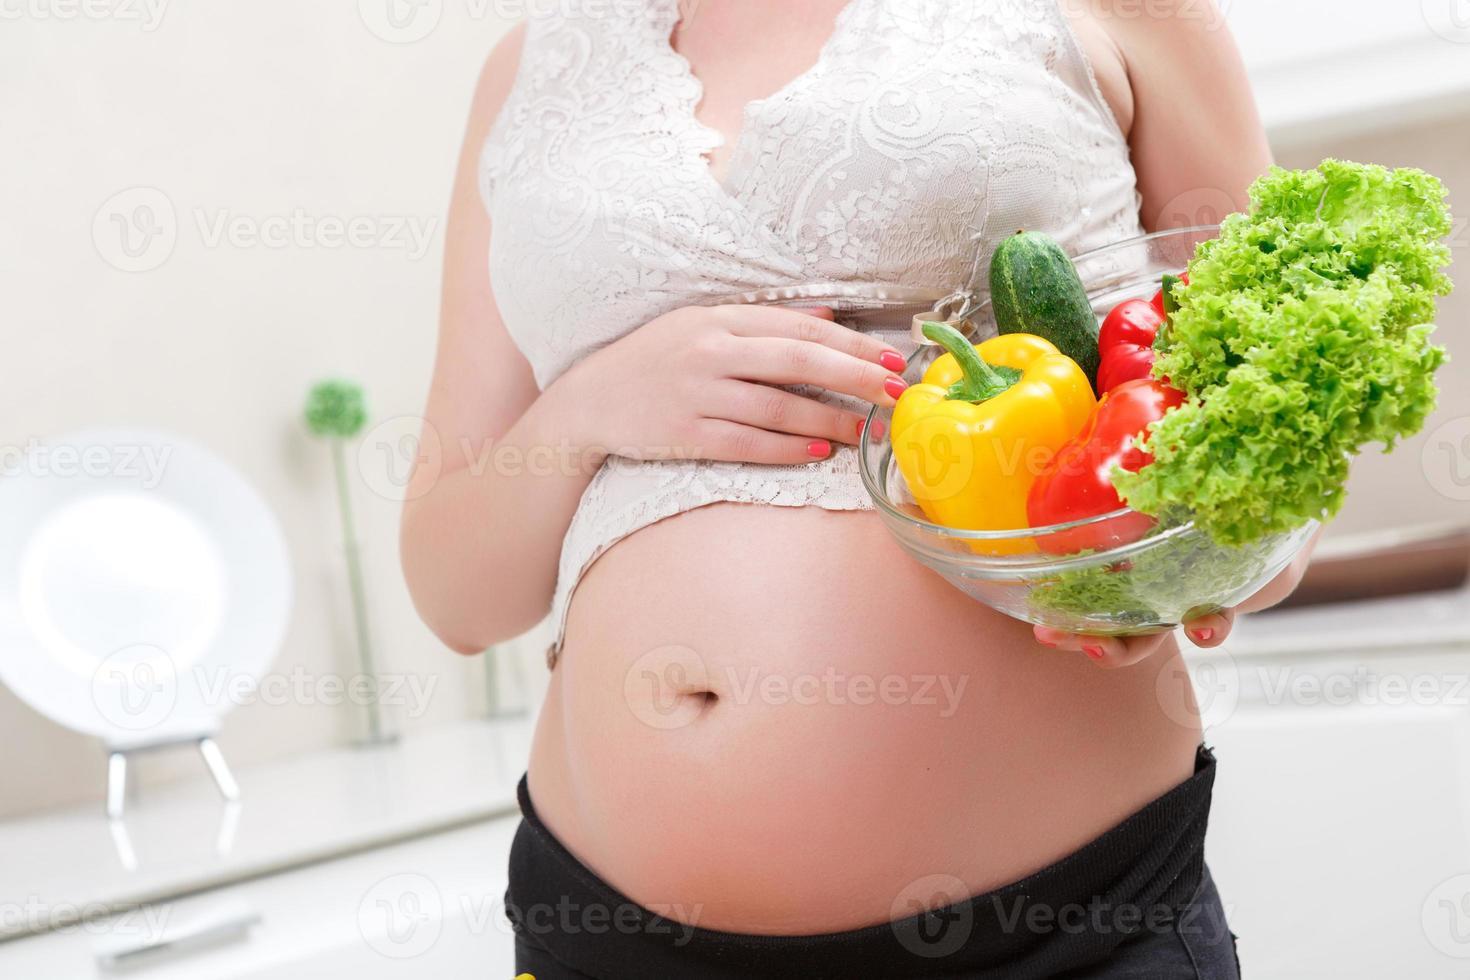 zwangere vrouw met kom en groenten foto